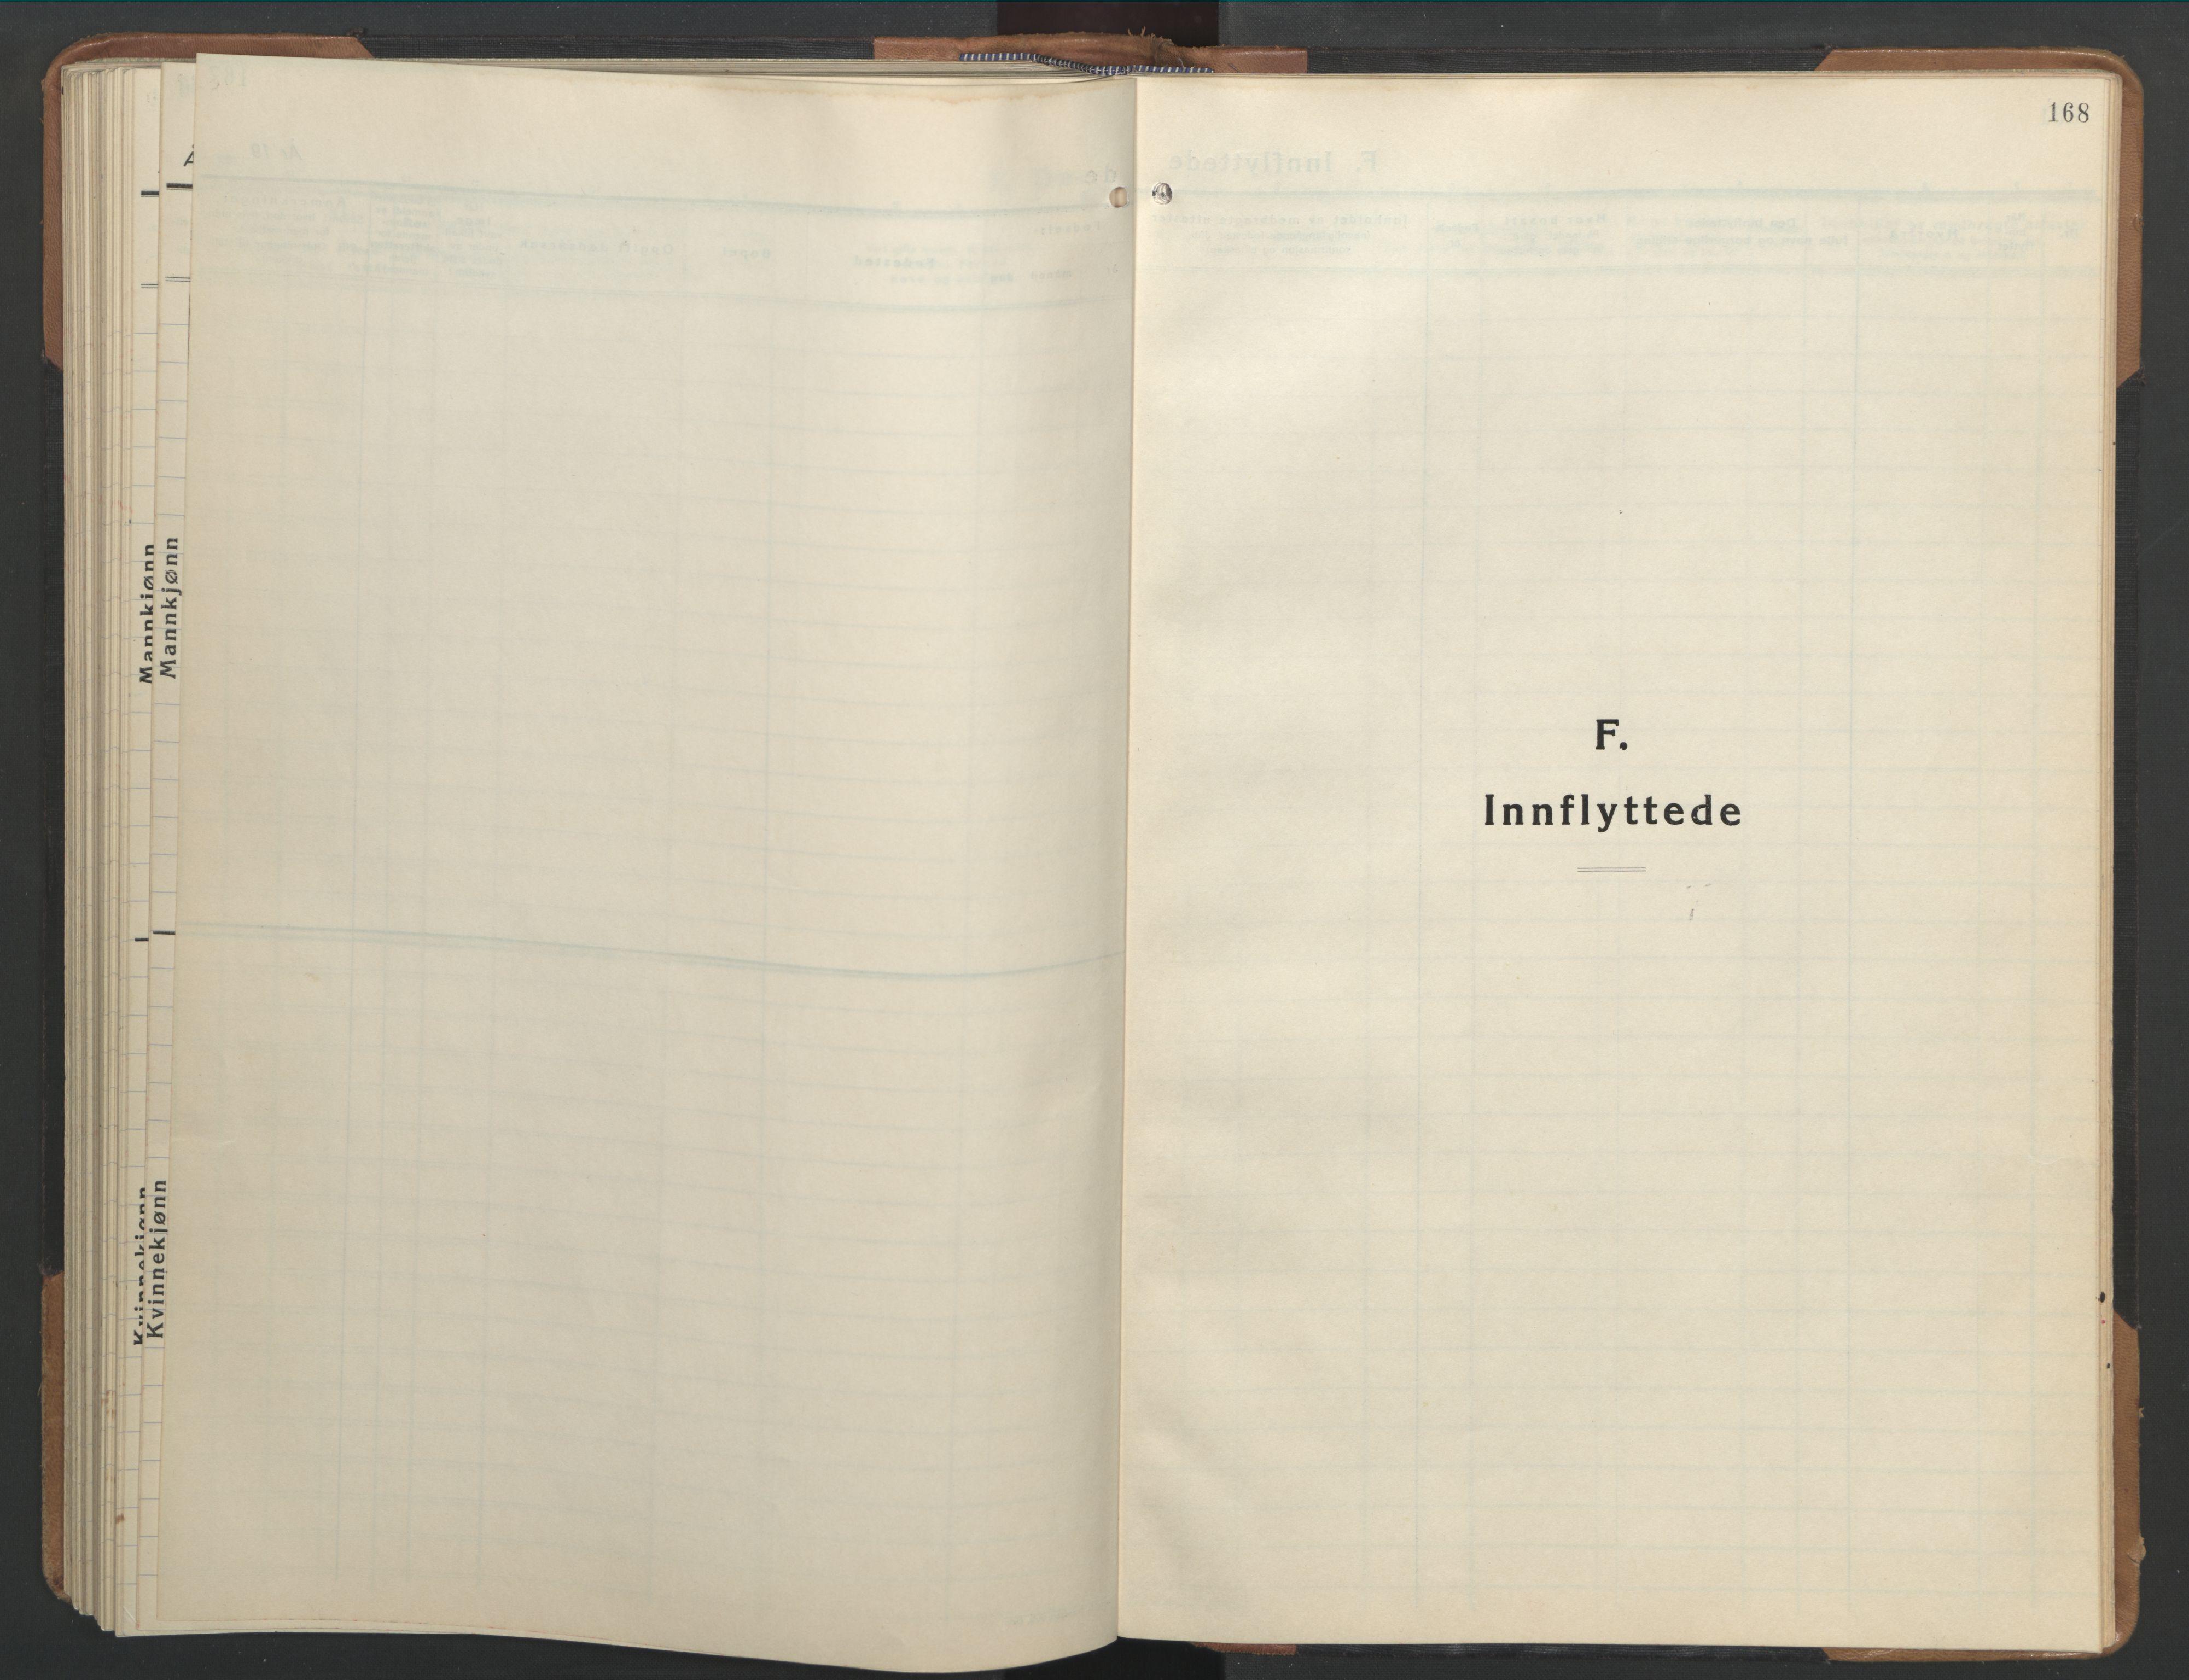 SAT, Ministerialprotokoller, klokkerbøker og fødselsregistre - Sør-Trøndelag, 655/L0690: Klokkerbok nr. 655C06, 1937-1950, s. 168